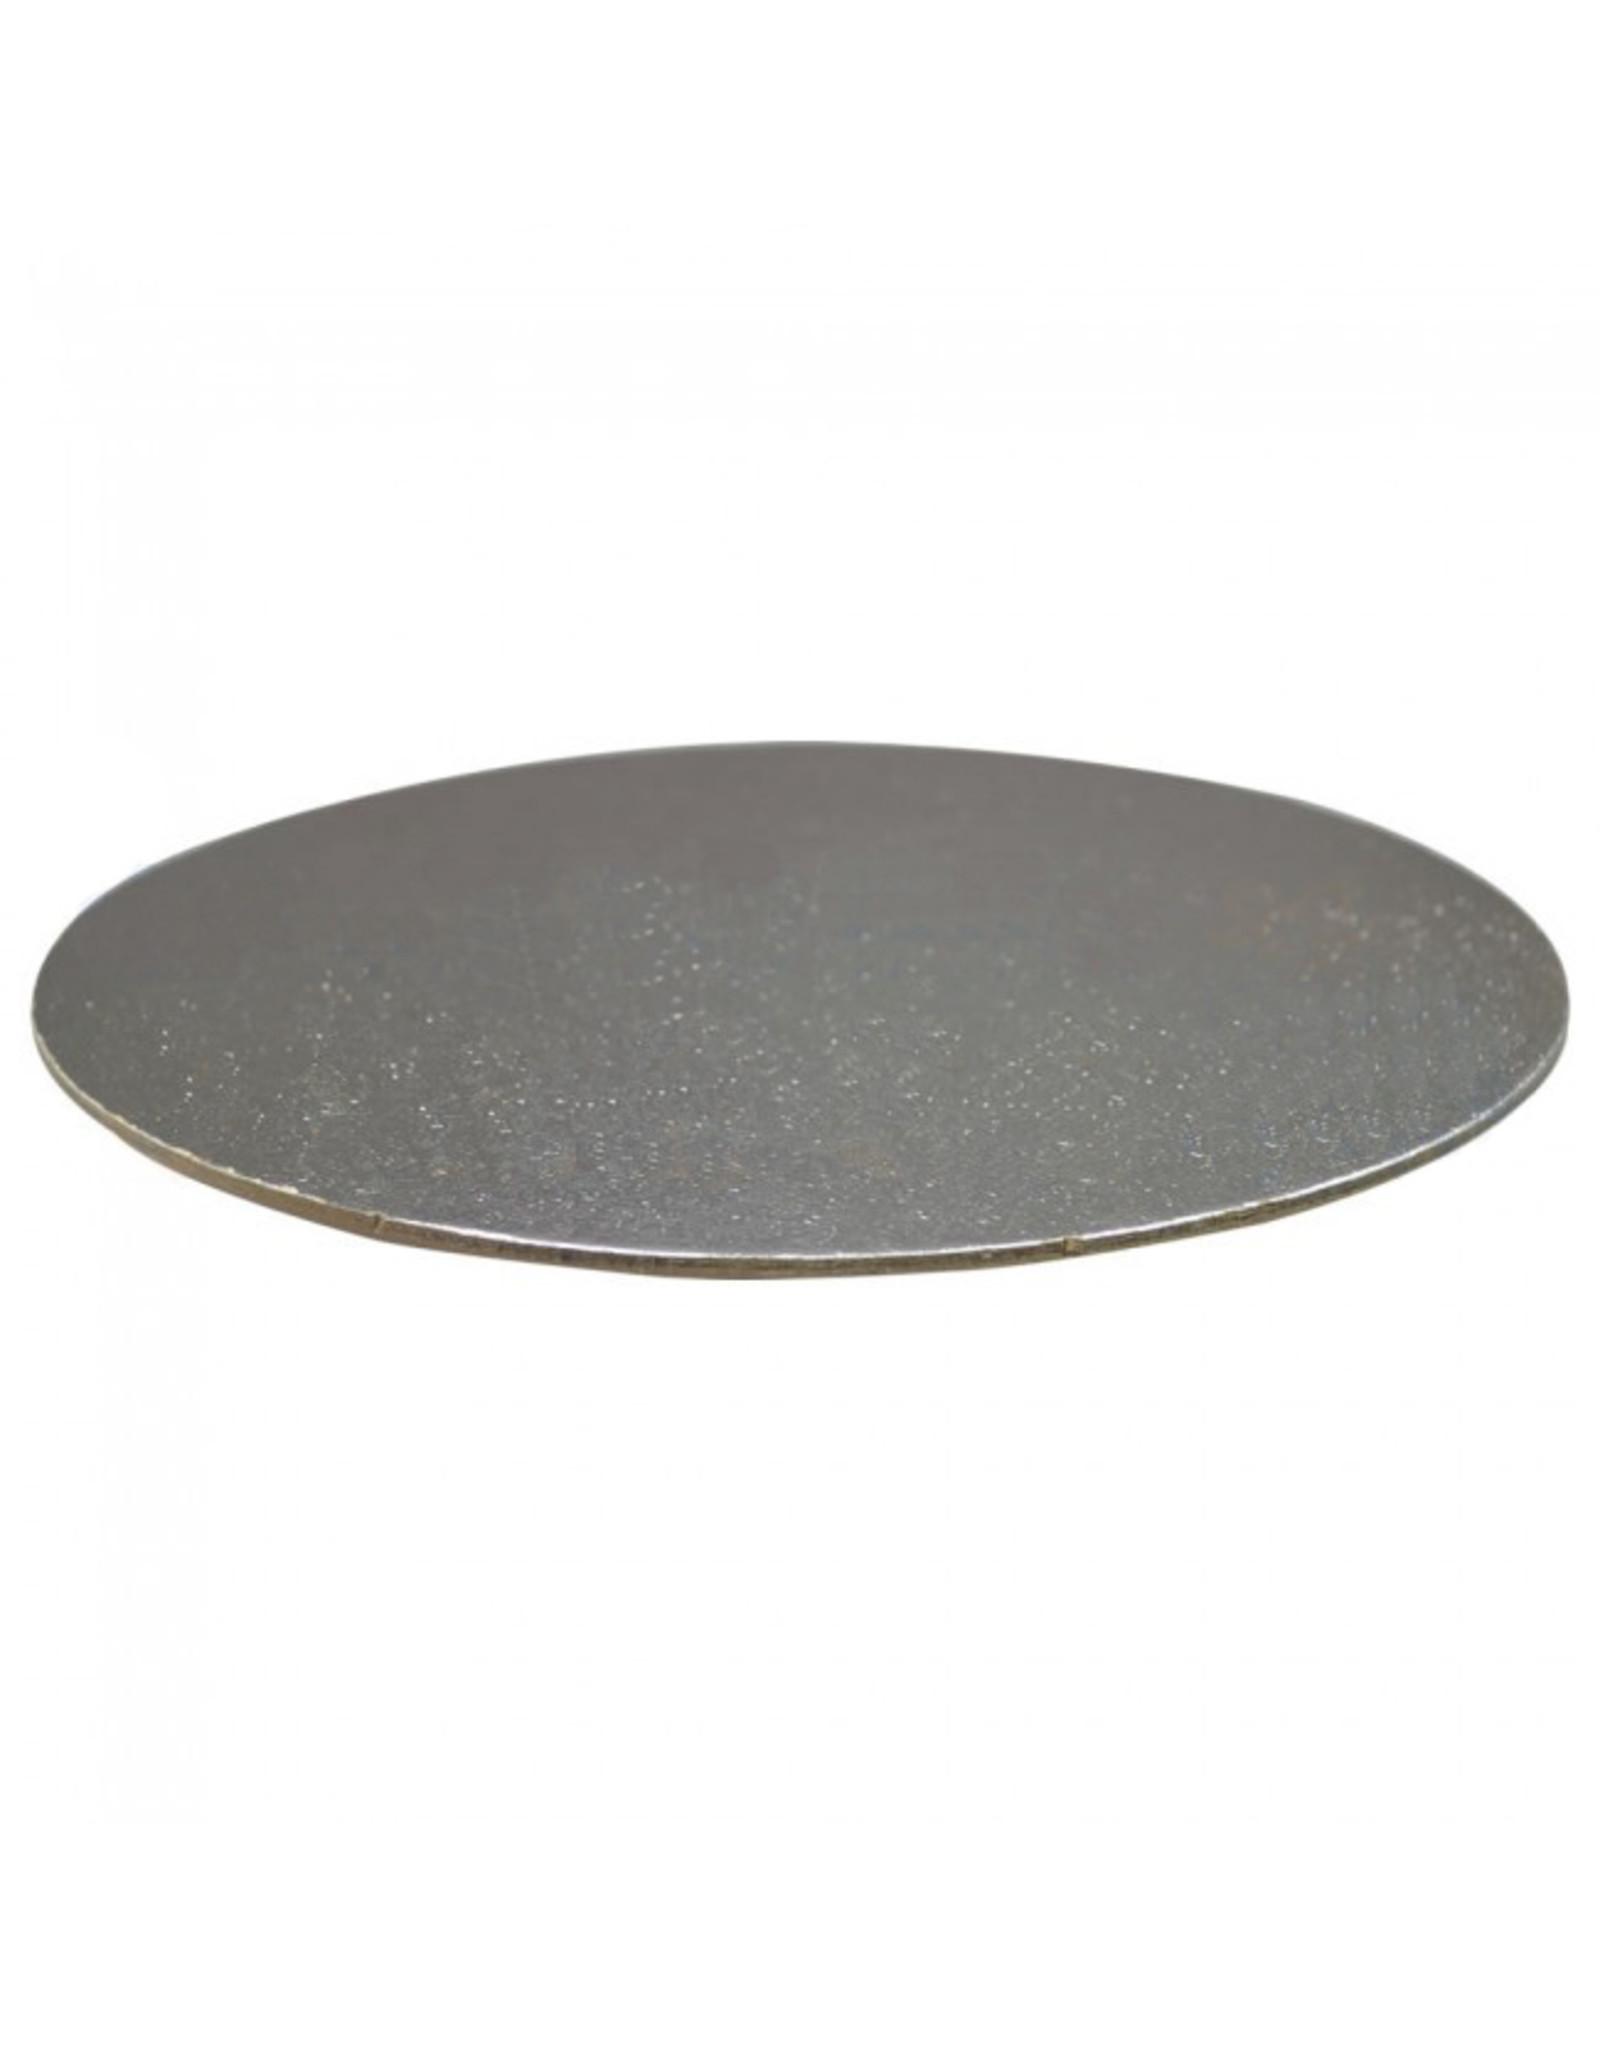 Taartkartonnen Ø203 mm - zilver (per 100 stuks)